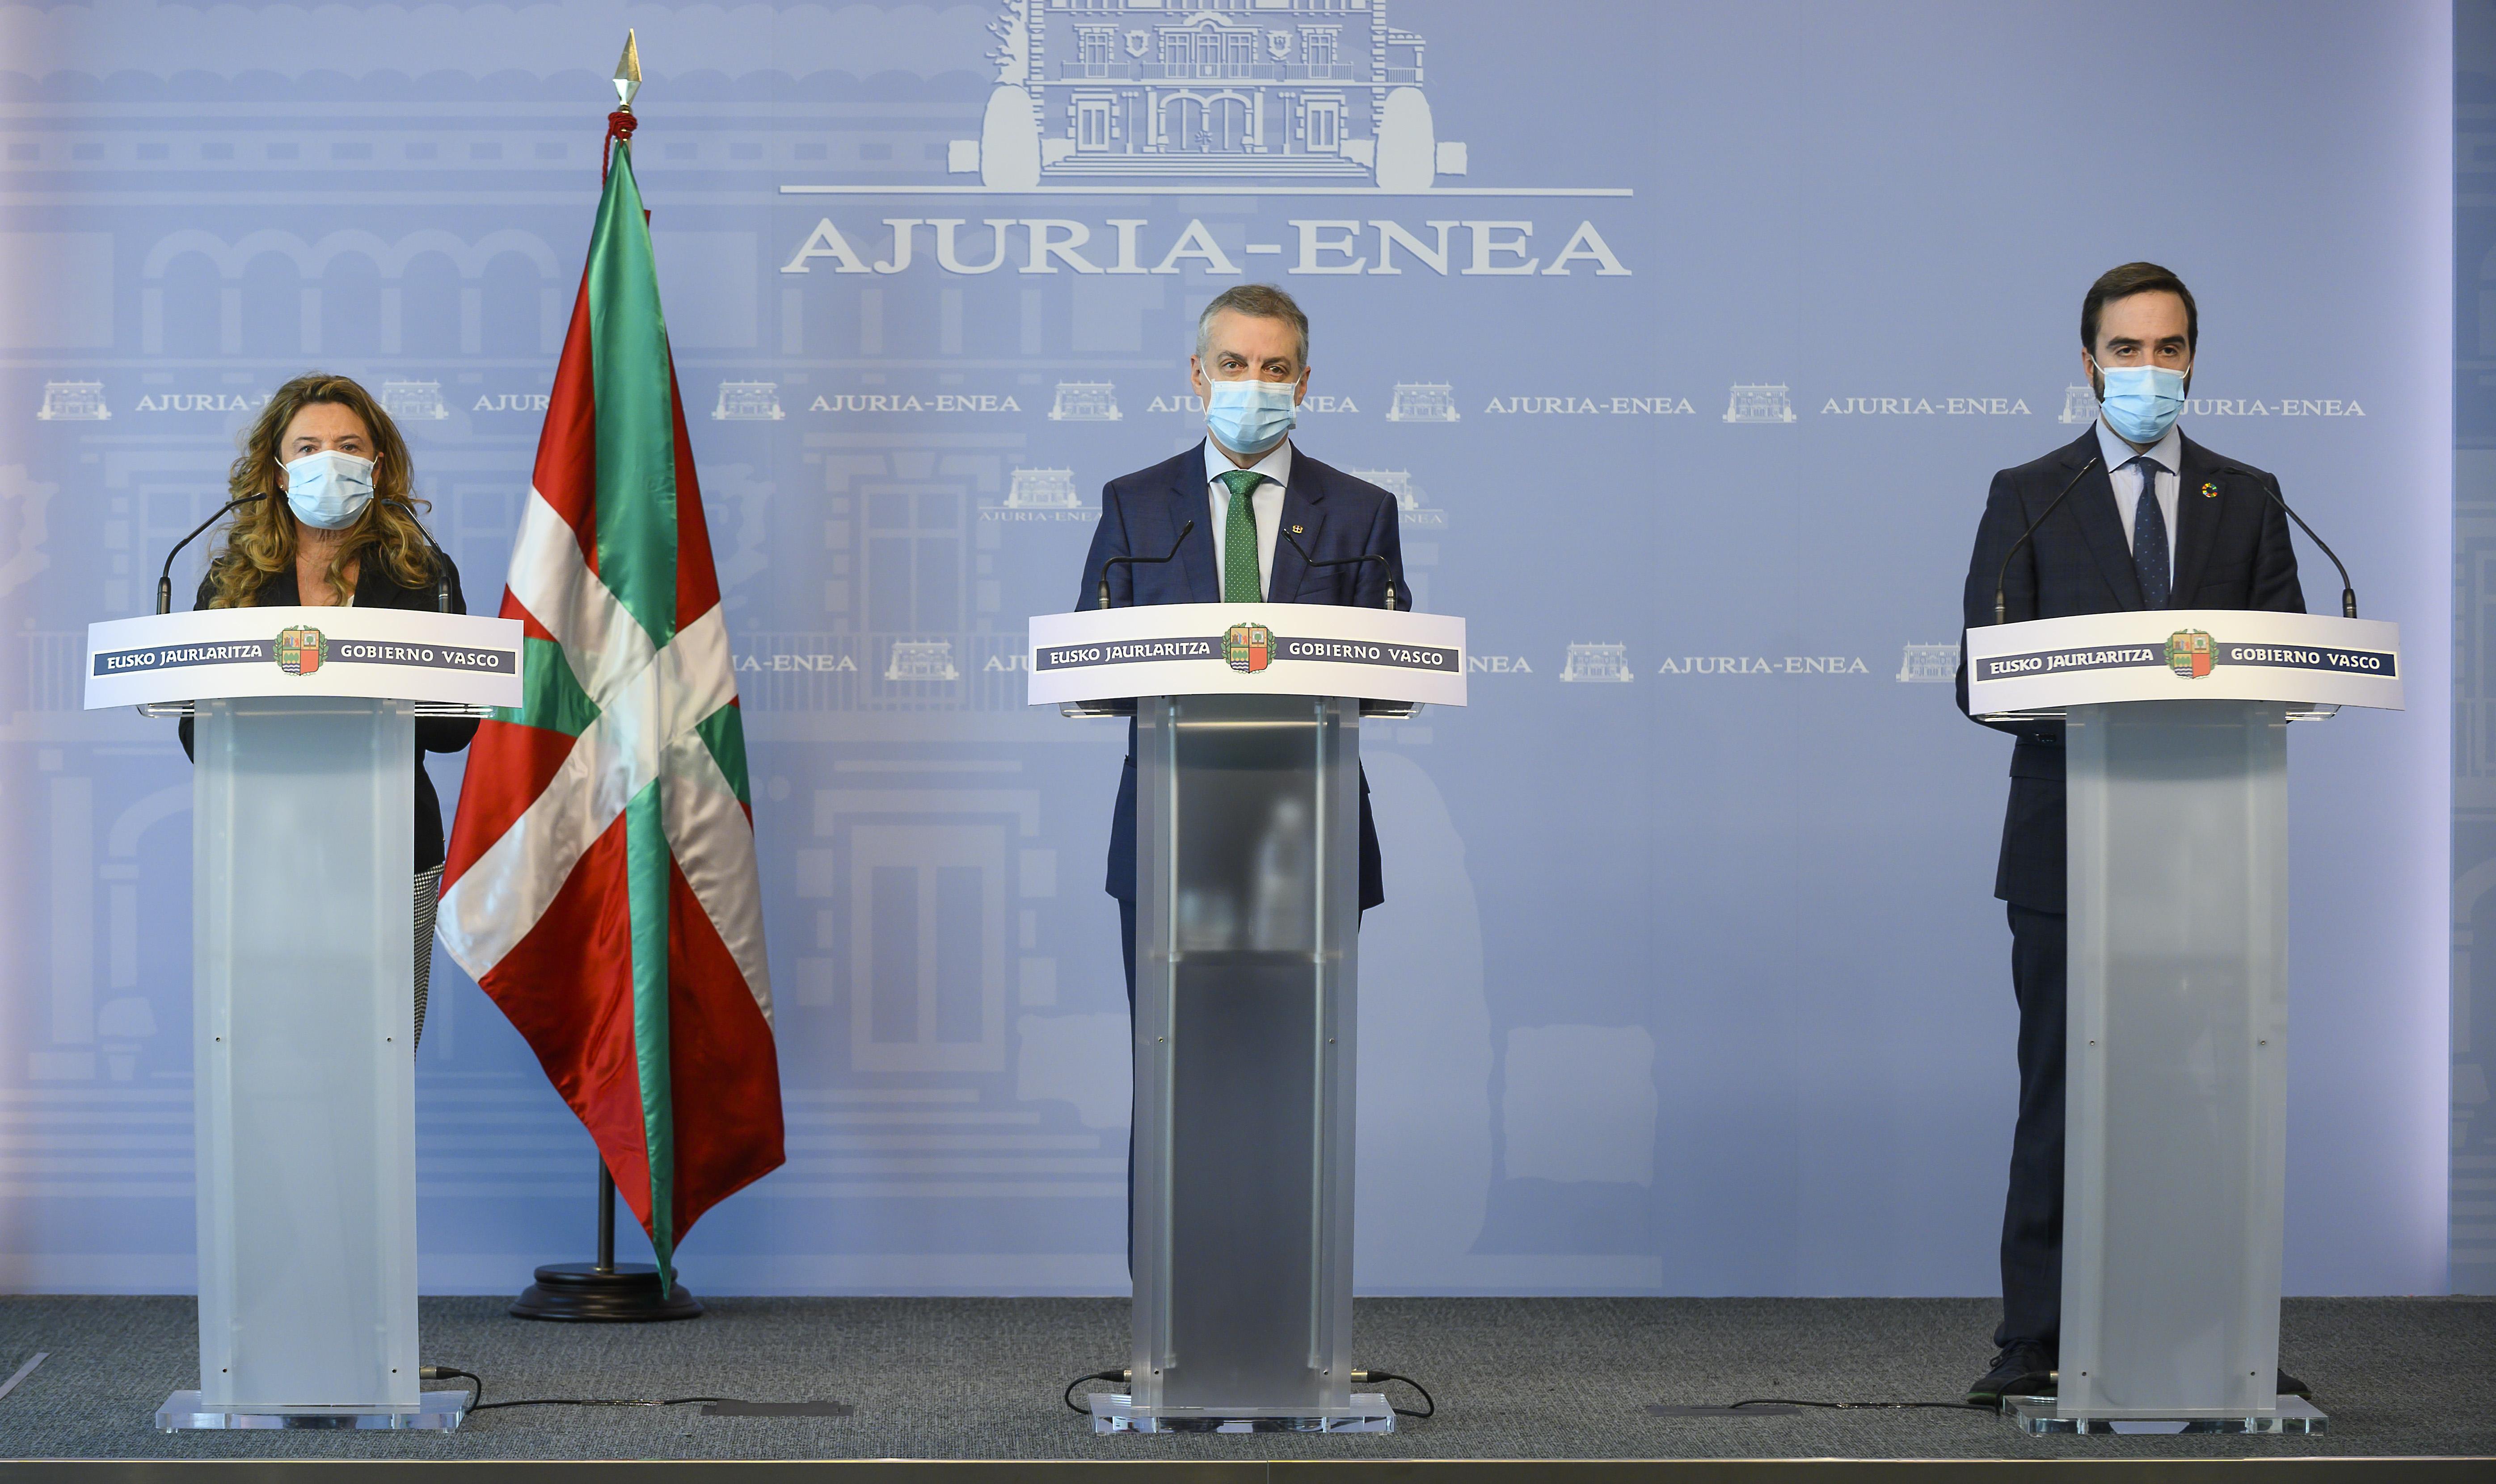 Eusko Jaurlaritzak 21 milioi euro bideratuko ditu turismoaren sektorea babestera  [70:54]